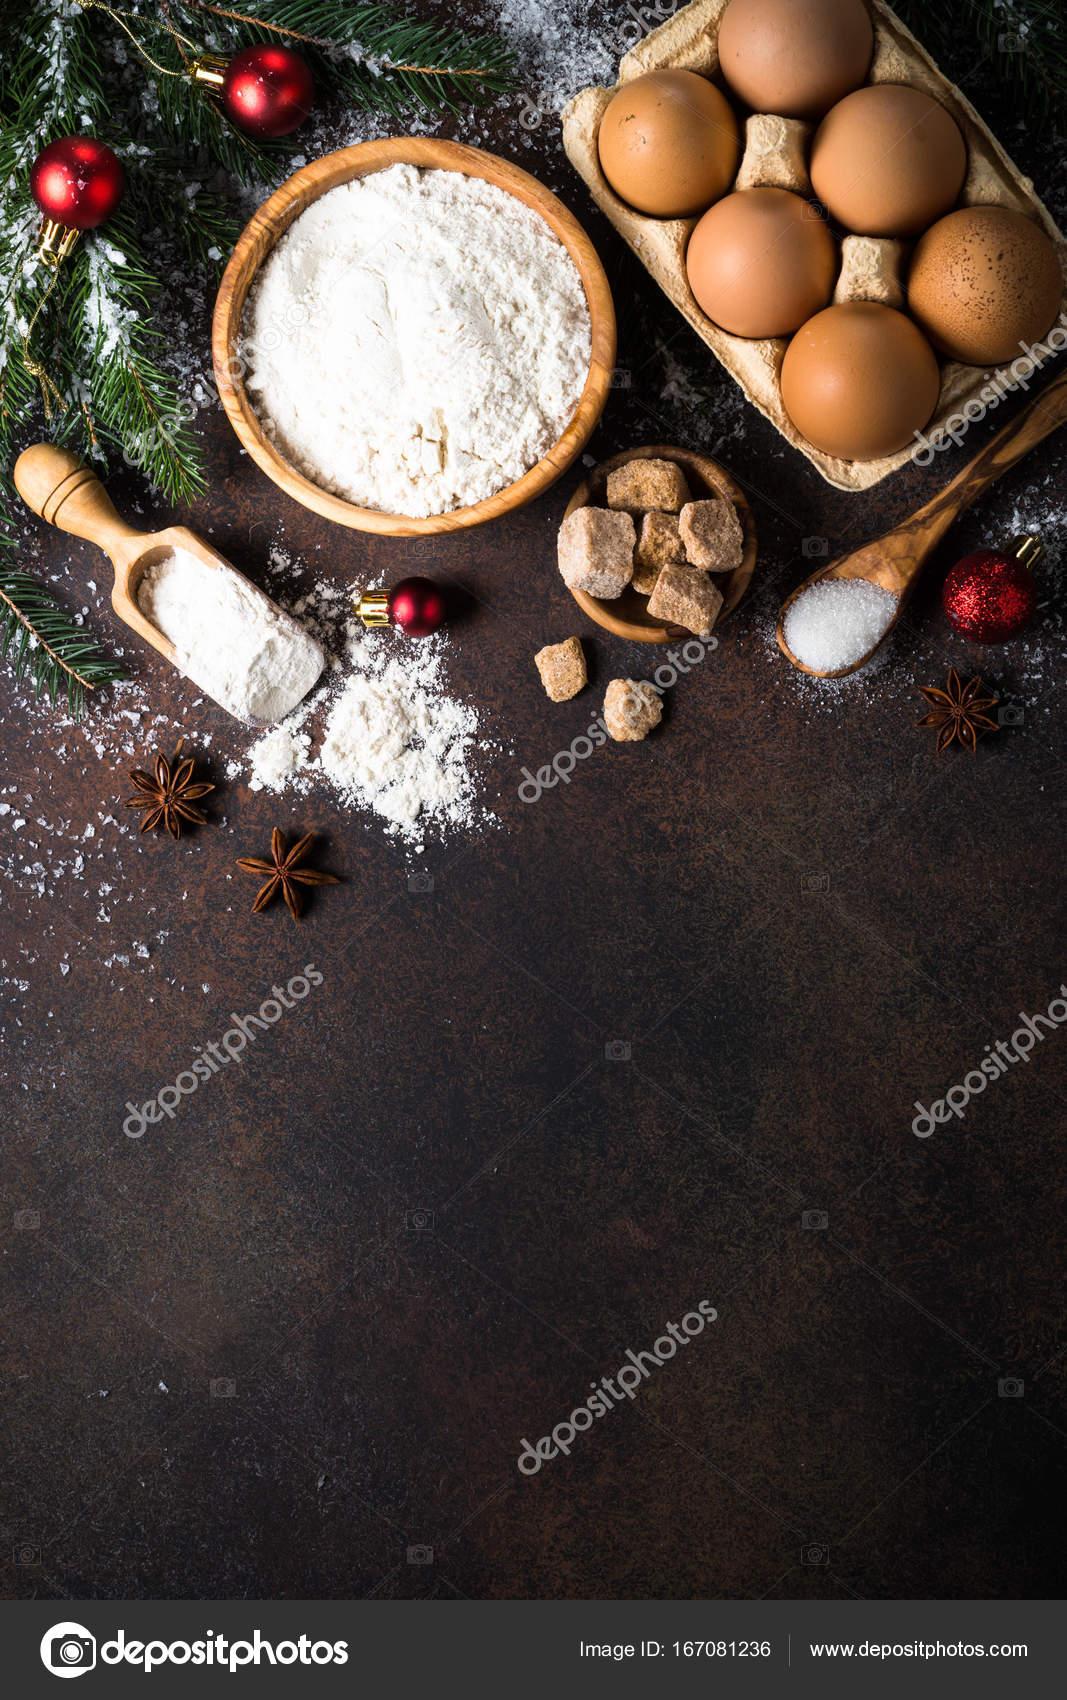 Cocinar En Navidad | Ingredientes Para Cocinar La Hornada De La Navidad Fotos De Stock